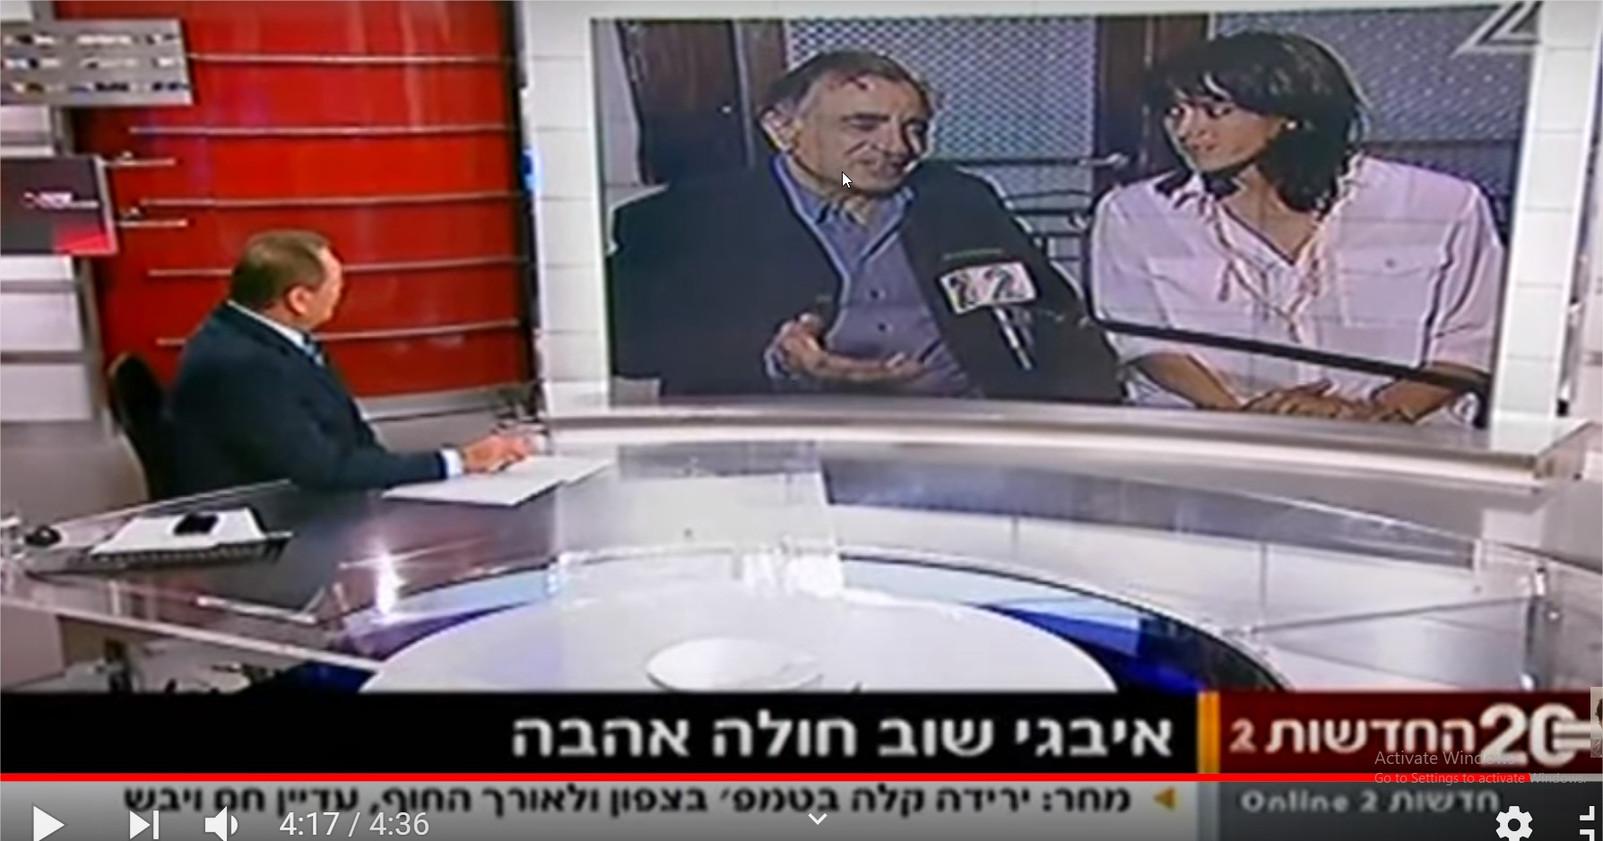 ראיון עם משה איבגי וחן יאני על הסרט התרוממות רוח -אופיר בן שמעון - YouTube - Google Chrome